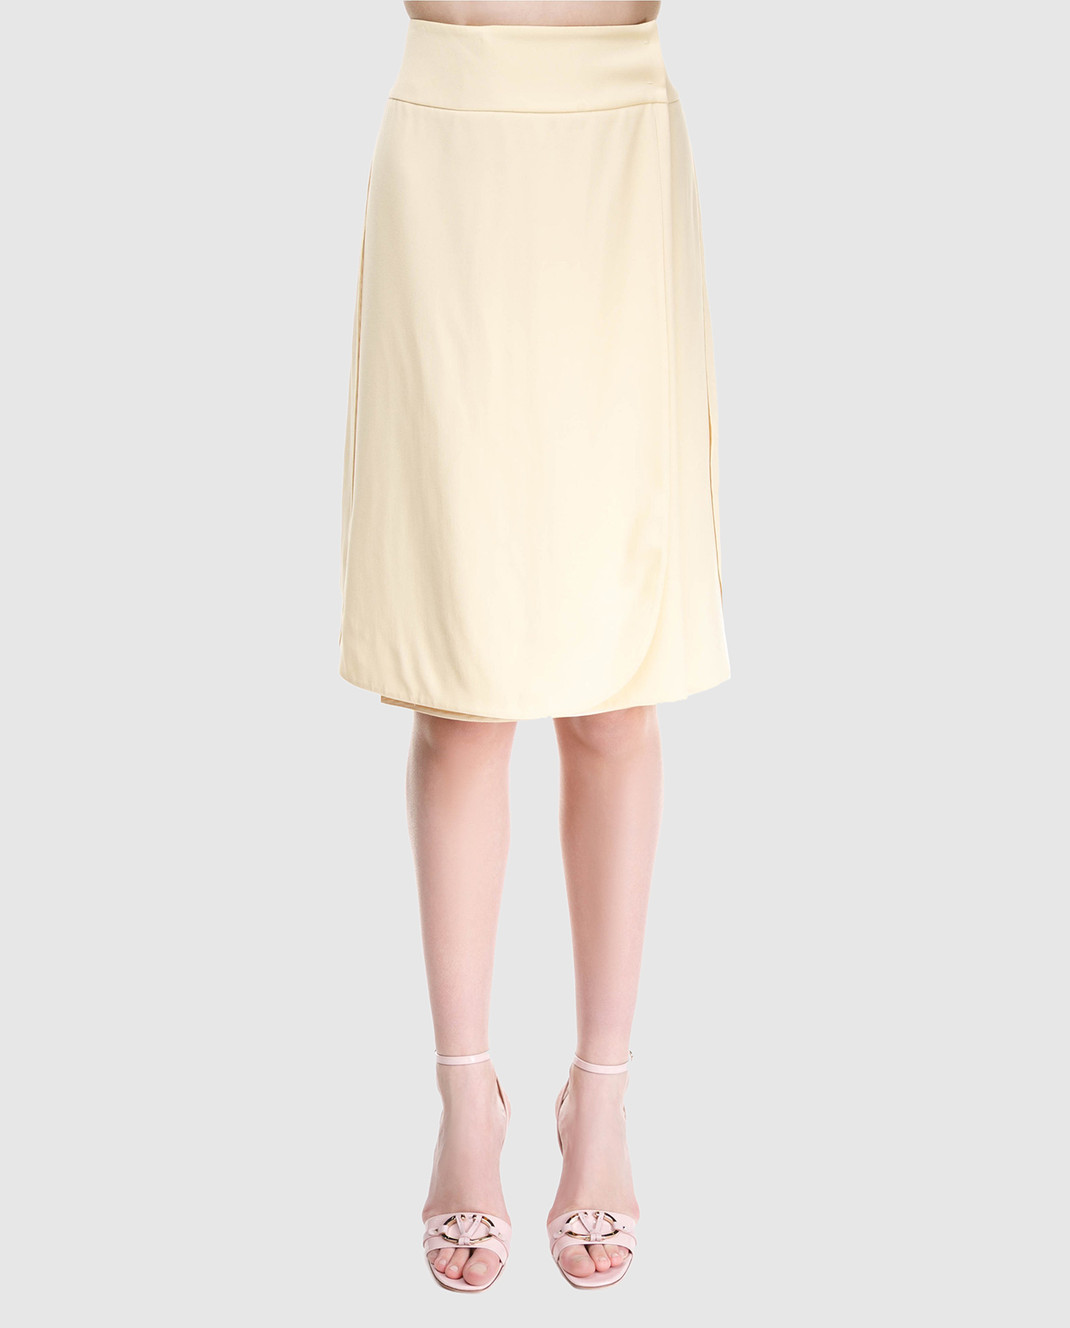 Prada Желтая юбка на запах изображение 3